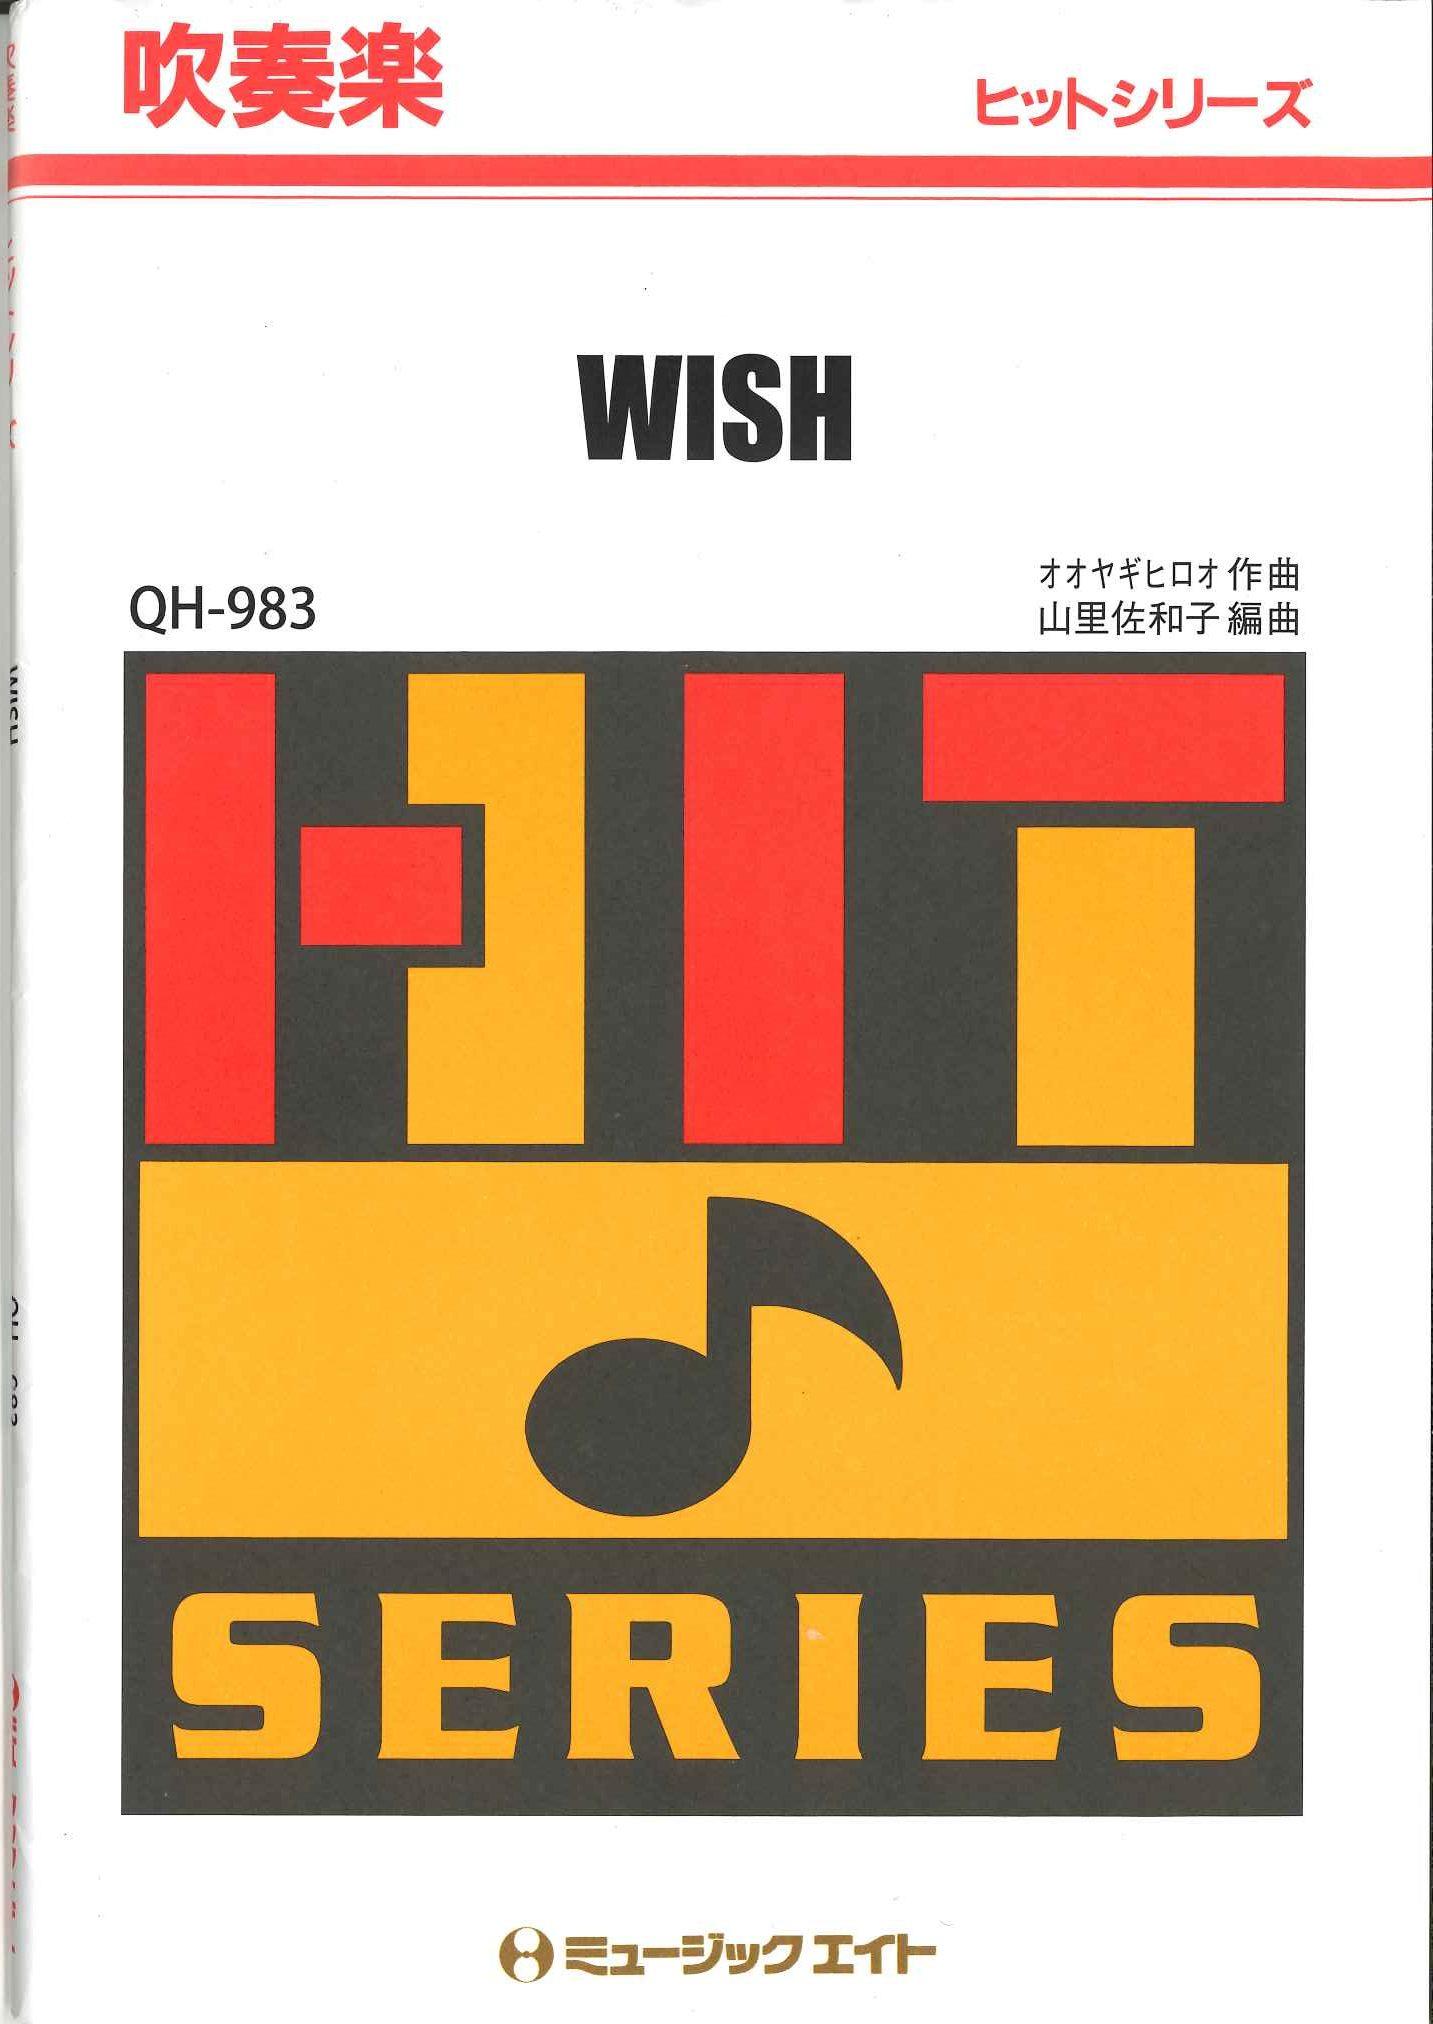 吹奏楽譜「WISH  嵐」